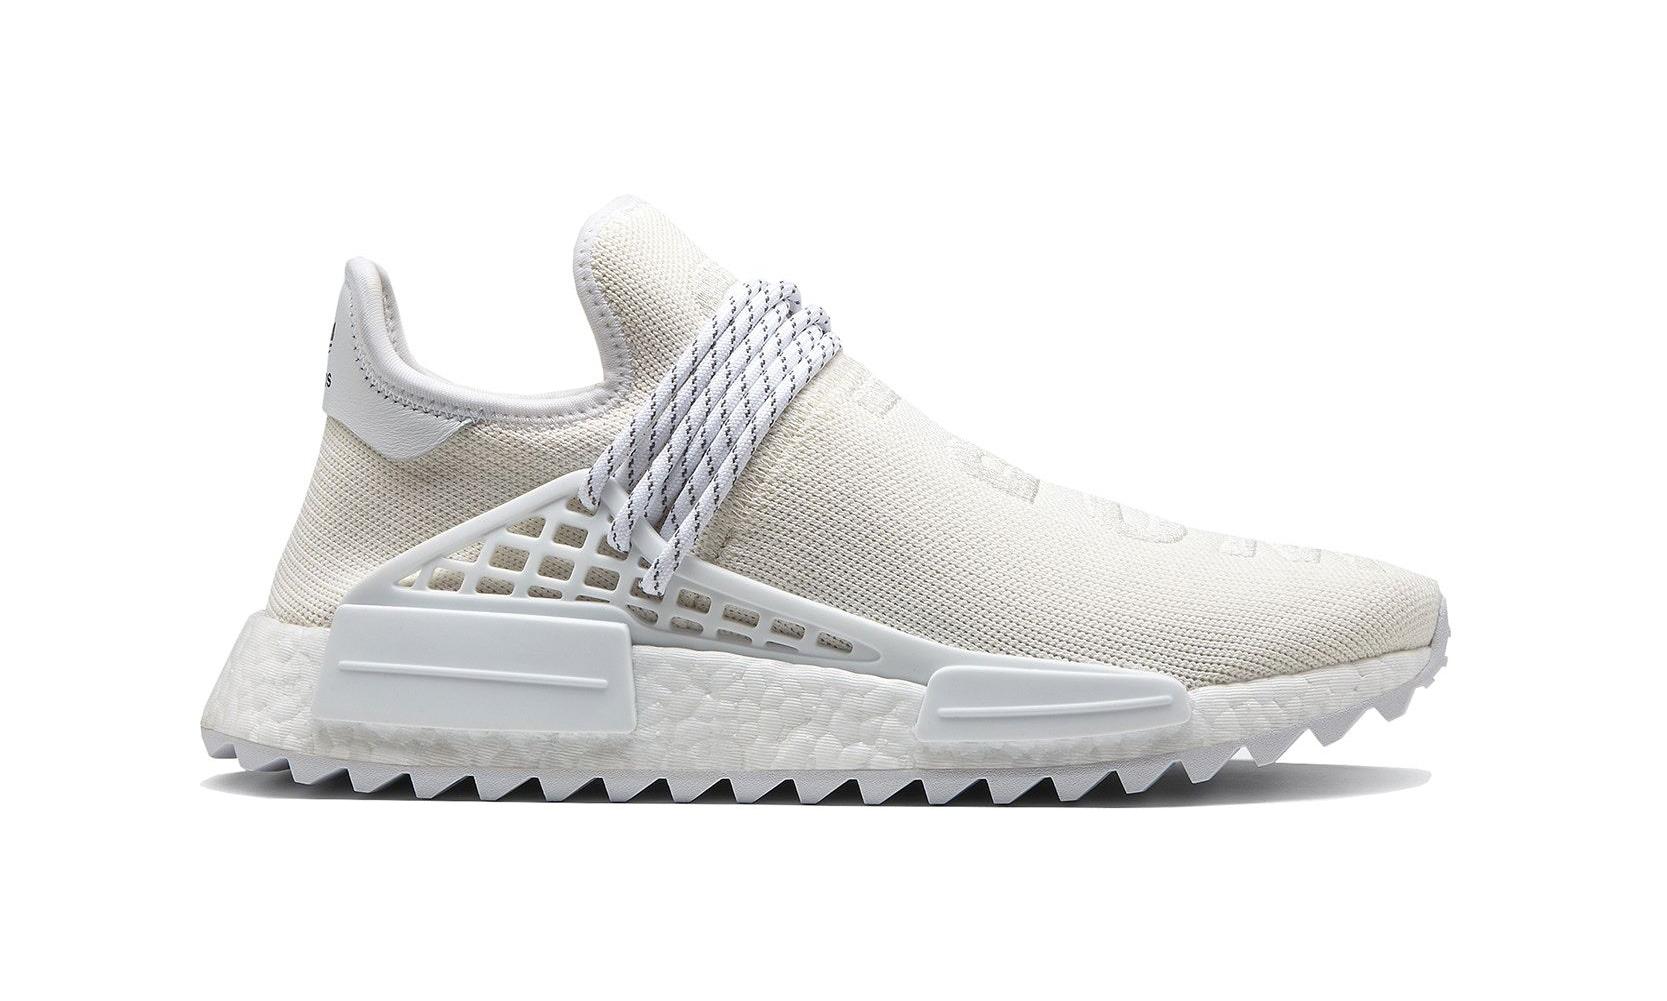 除了鞋子还有衣服,菲董与 adidas Originals 的最新联名系列正式发布